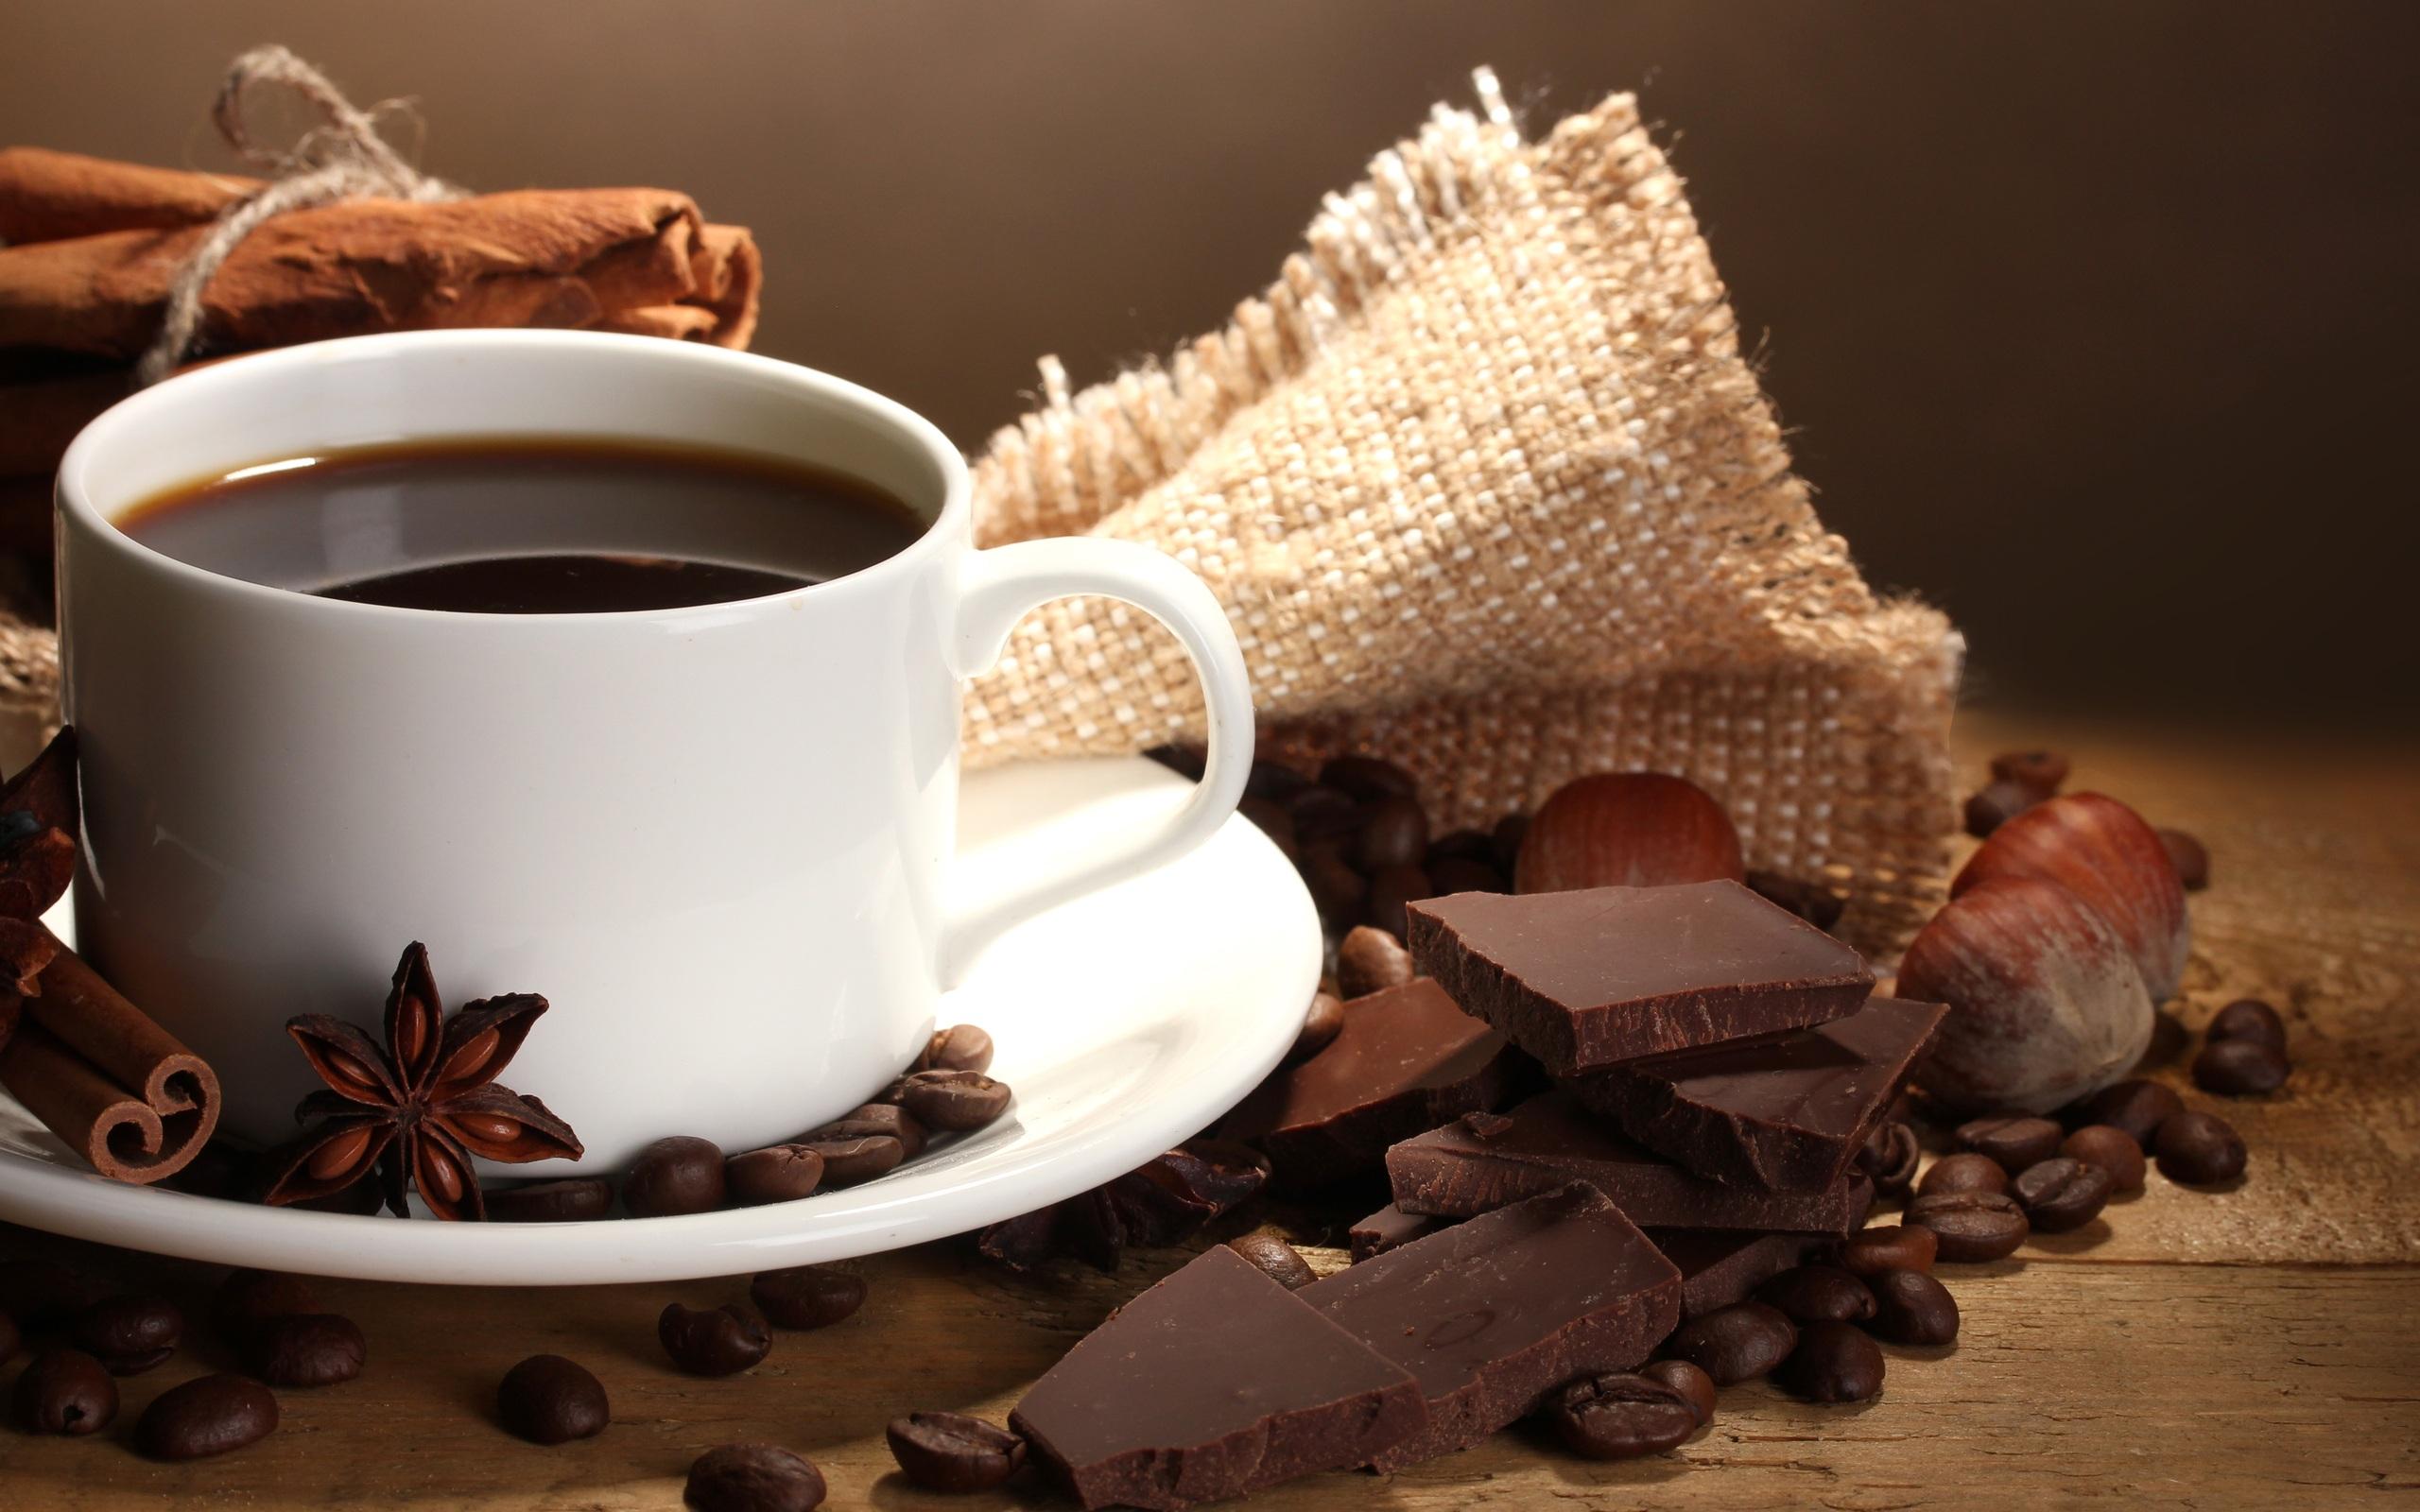 шоколад и чашка кофе, какао, скачать фото, обои на рабочий стол